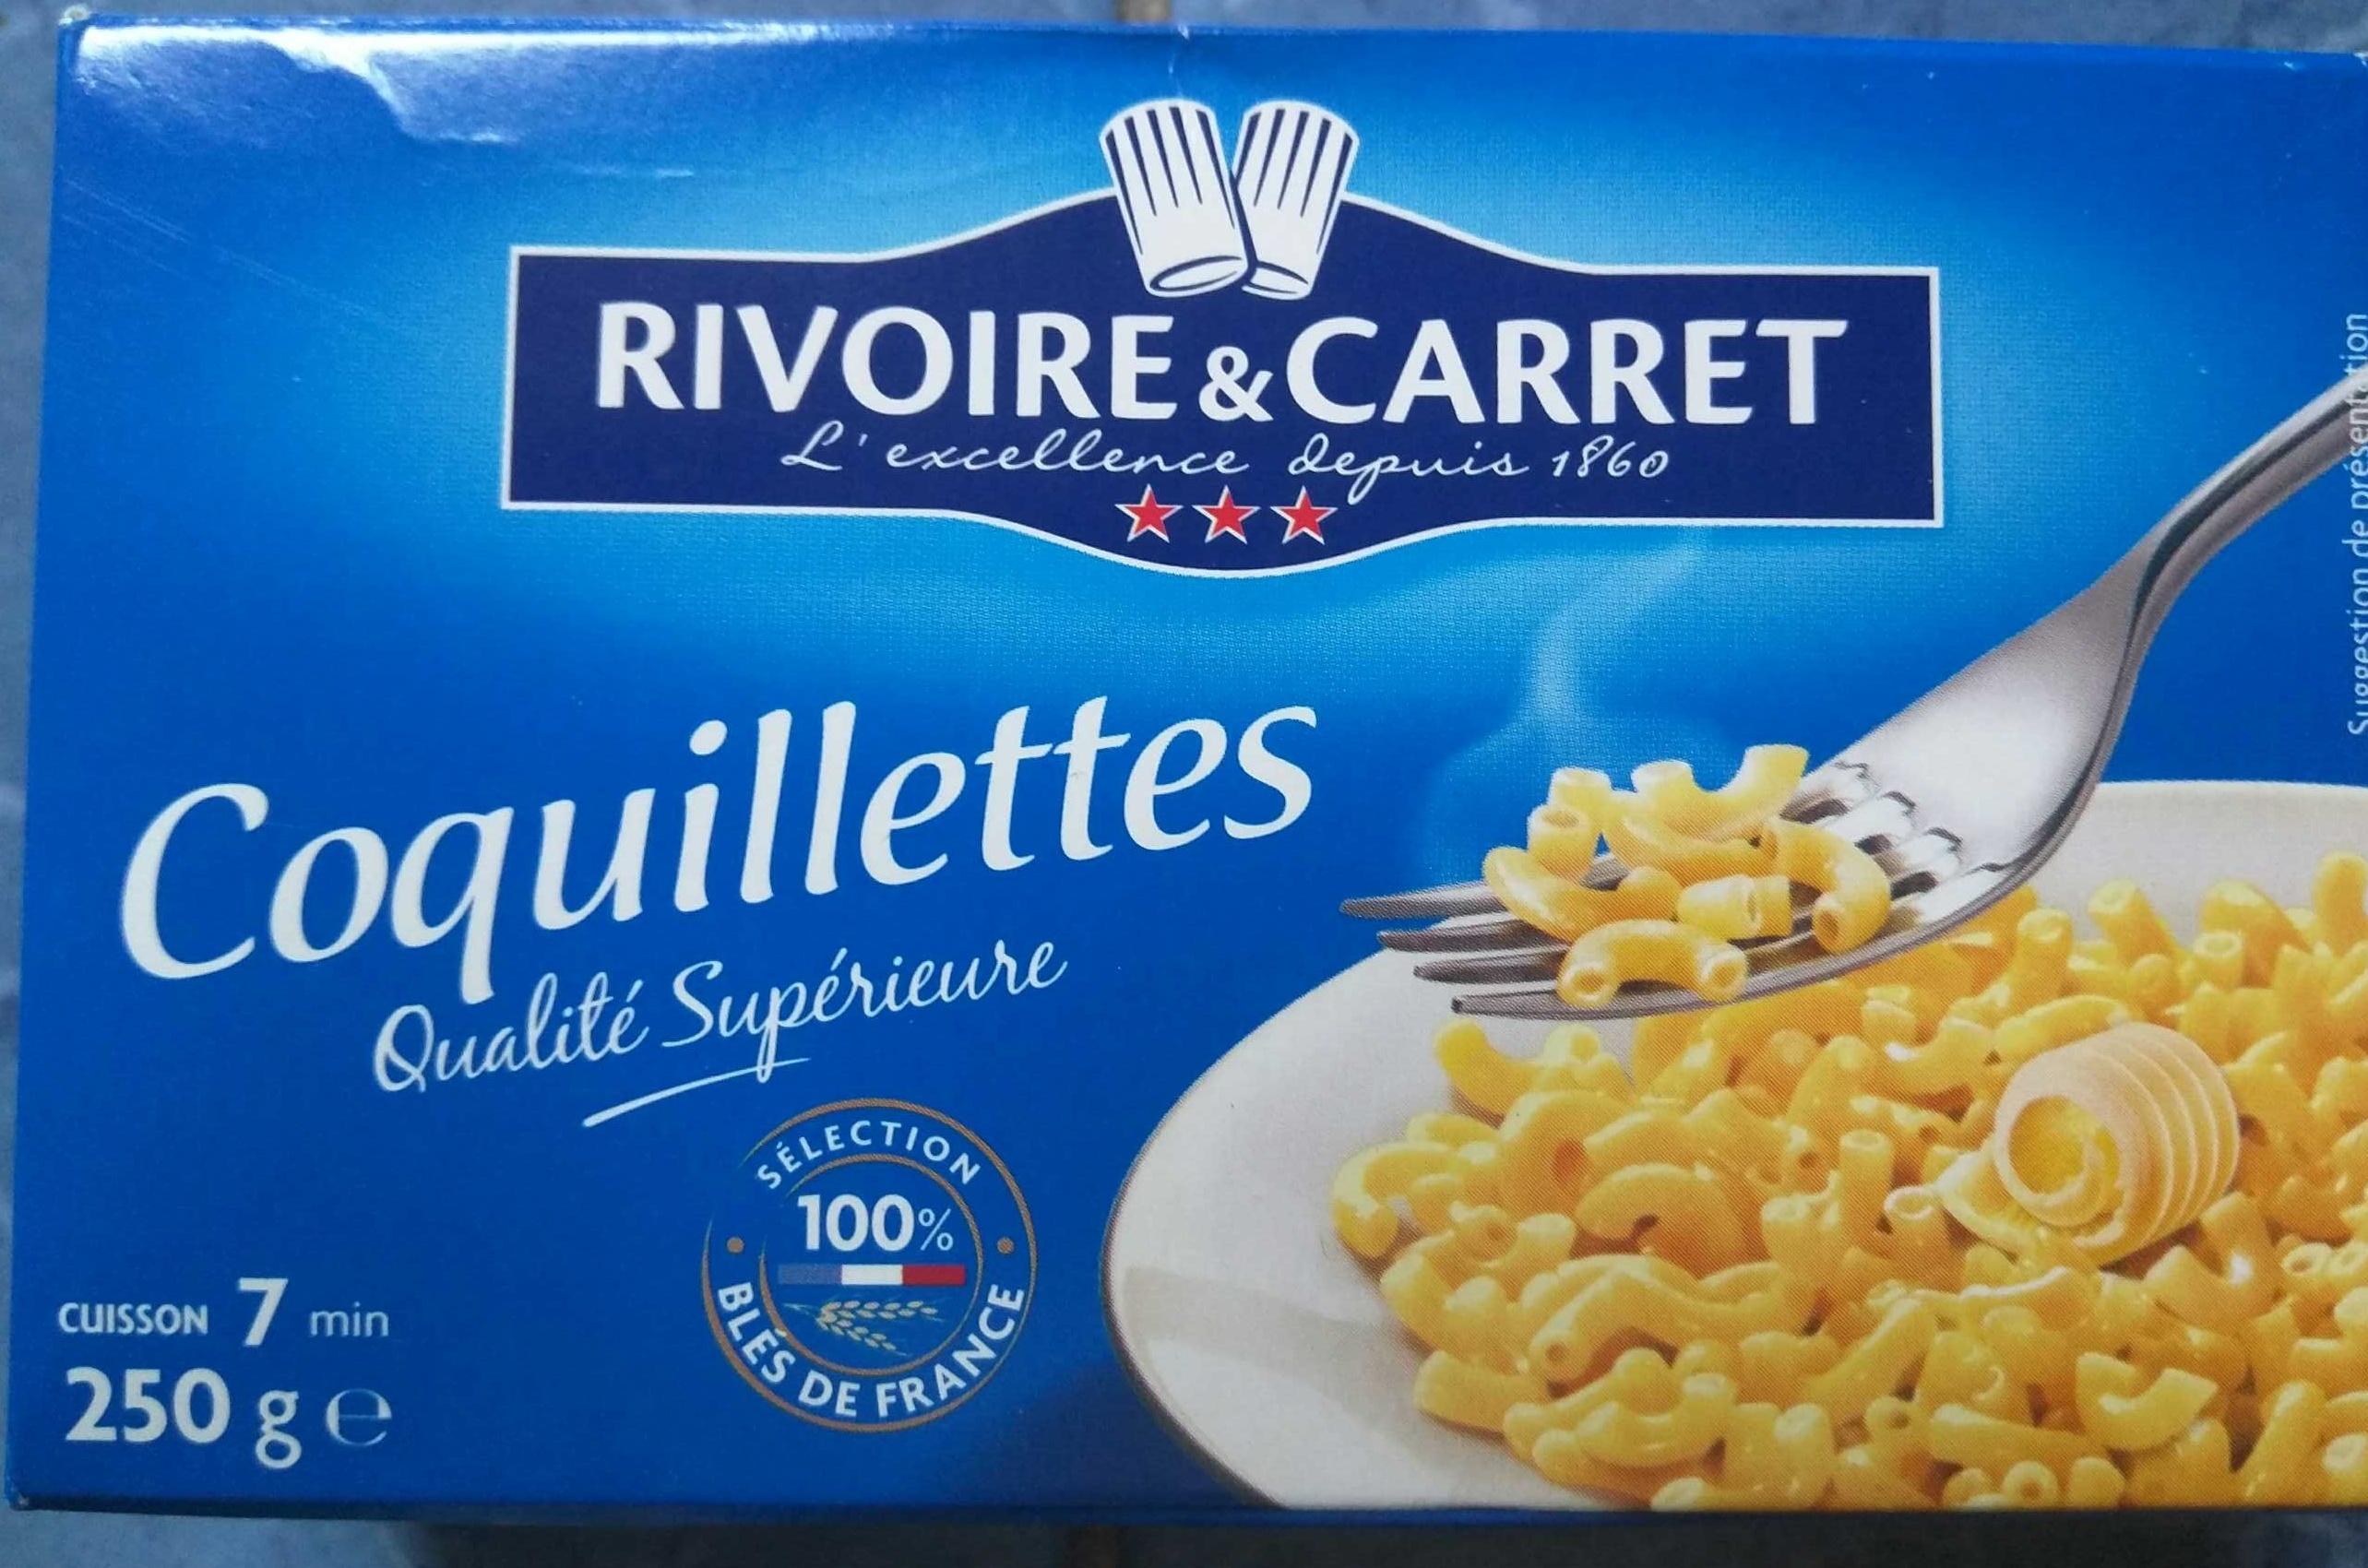 Coquillettes - Pâtes alimentaires - Produit - fr